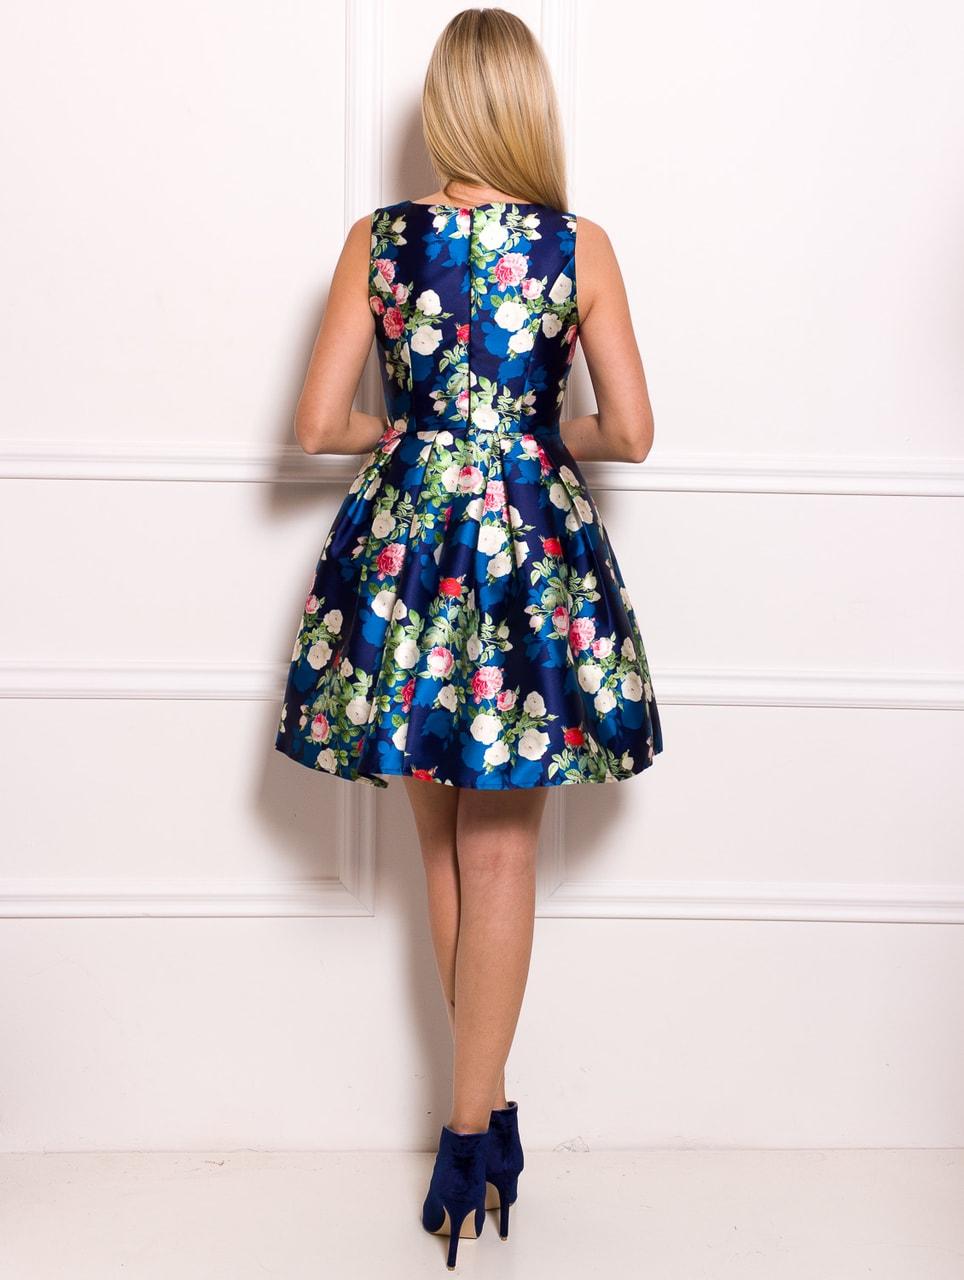 cef6953a25b Dámské šaty A střih modré s květinami - Due Linee - Promoce a svatby ...